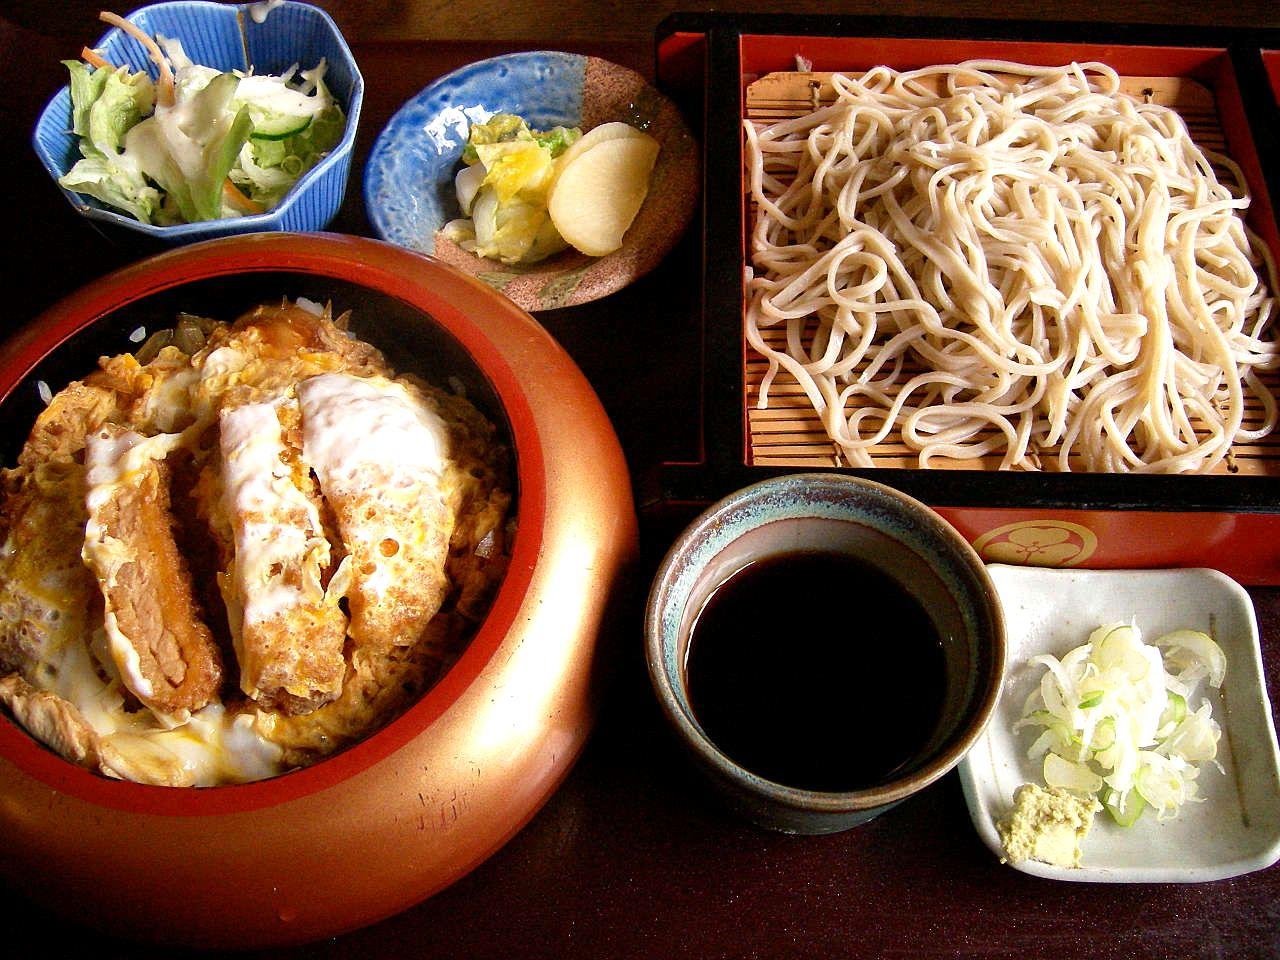 そばRestaurant 雅膳 name=